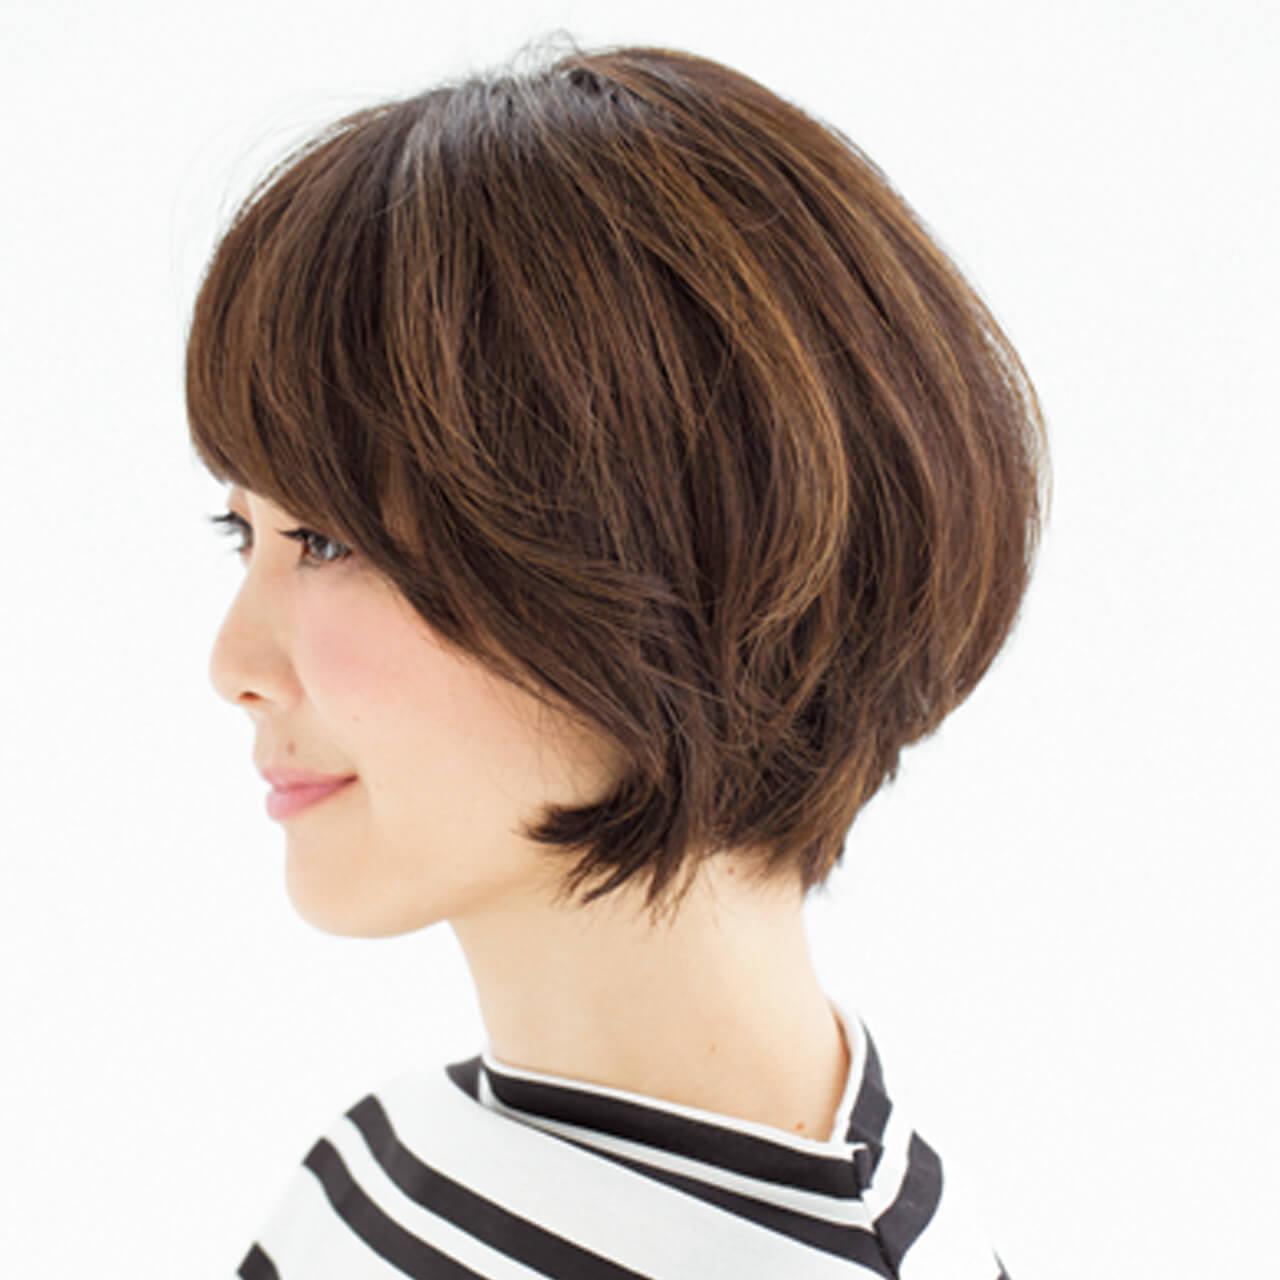 気になる白髪はグラデハイライトと深め前髪で解決!【40代のショートヘア】_1_2